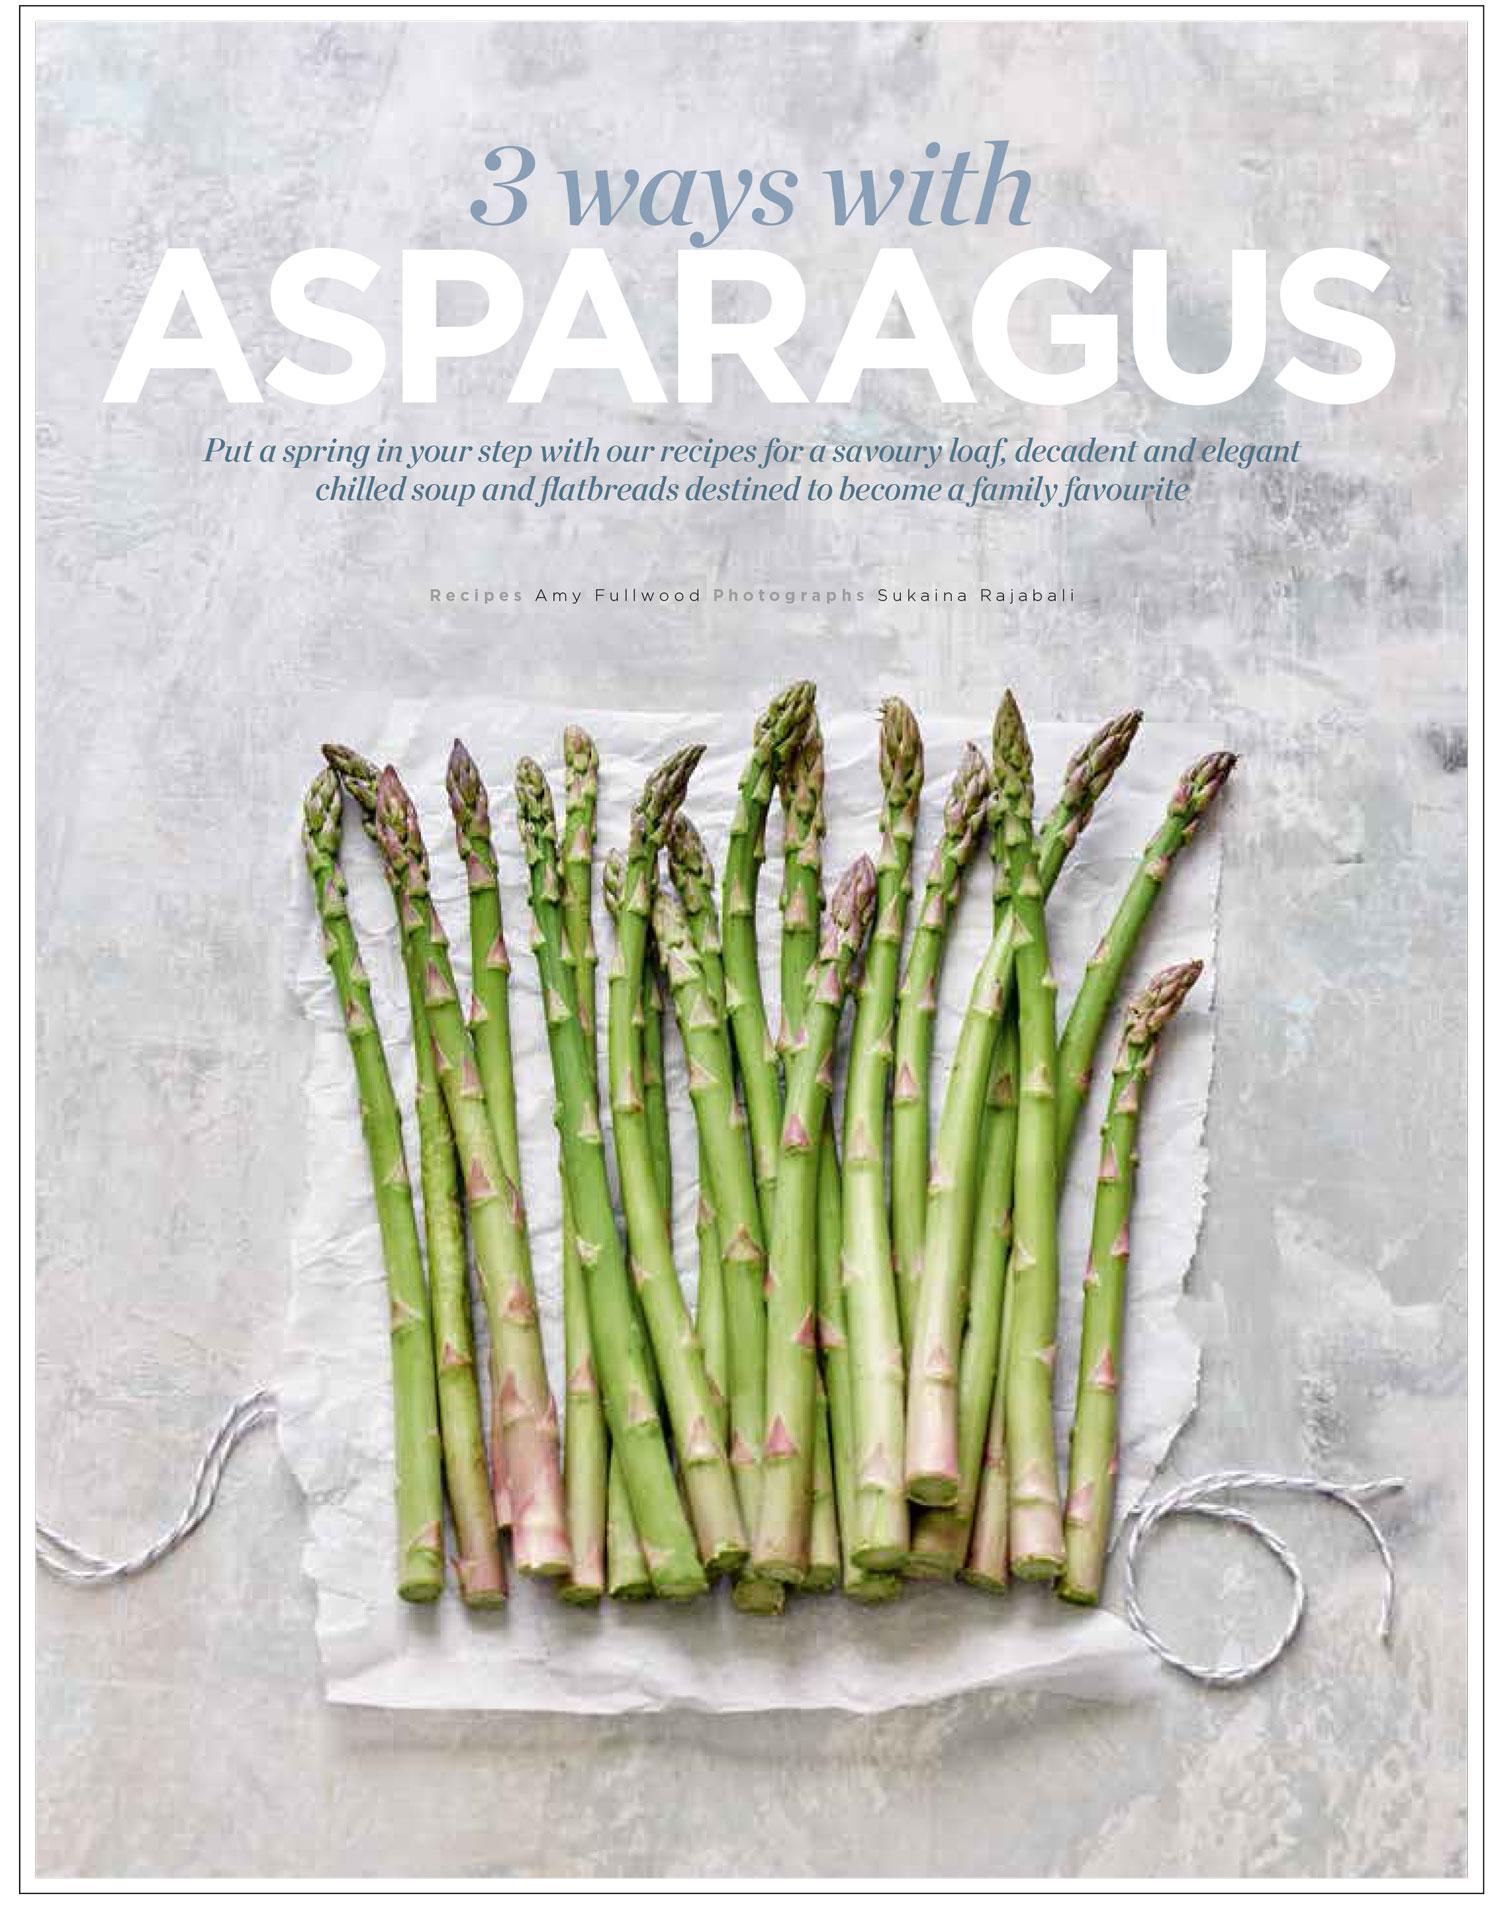 Asparagus copy